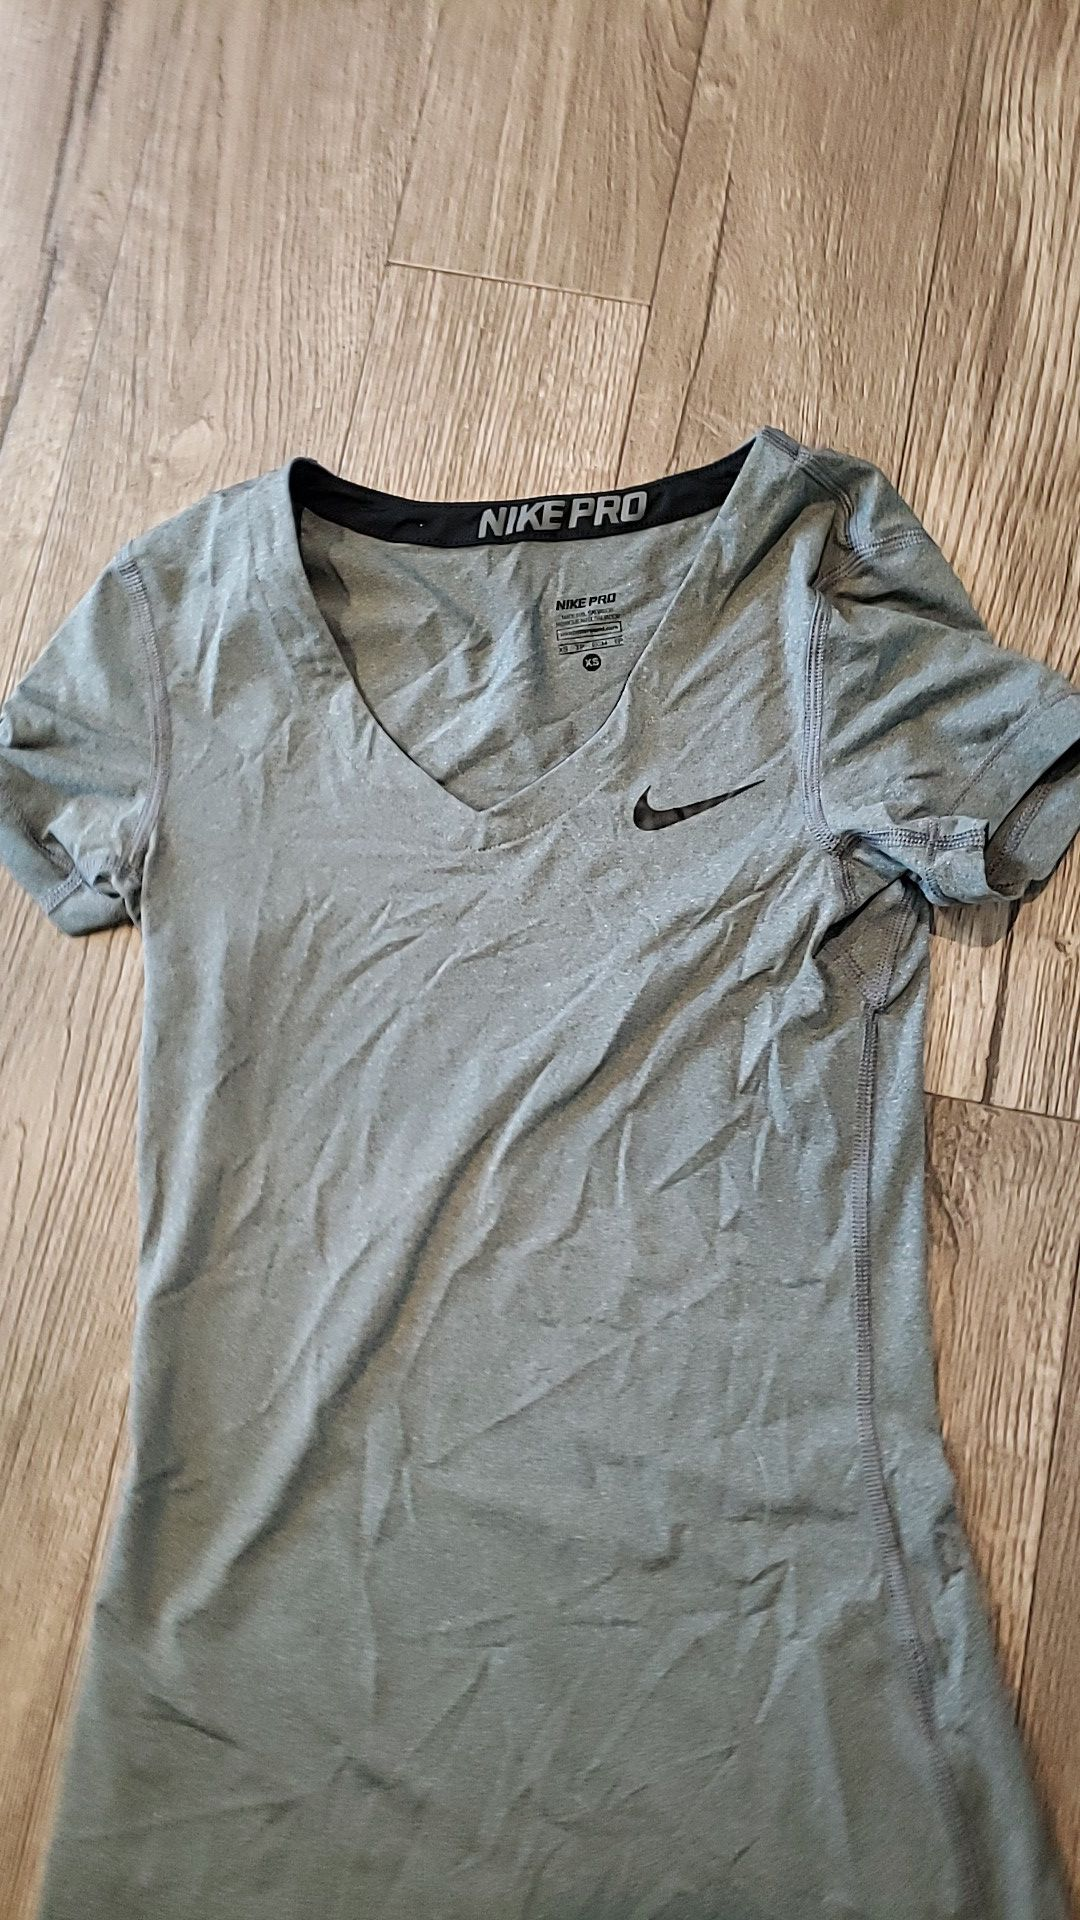 Nike Pro fitness shirt